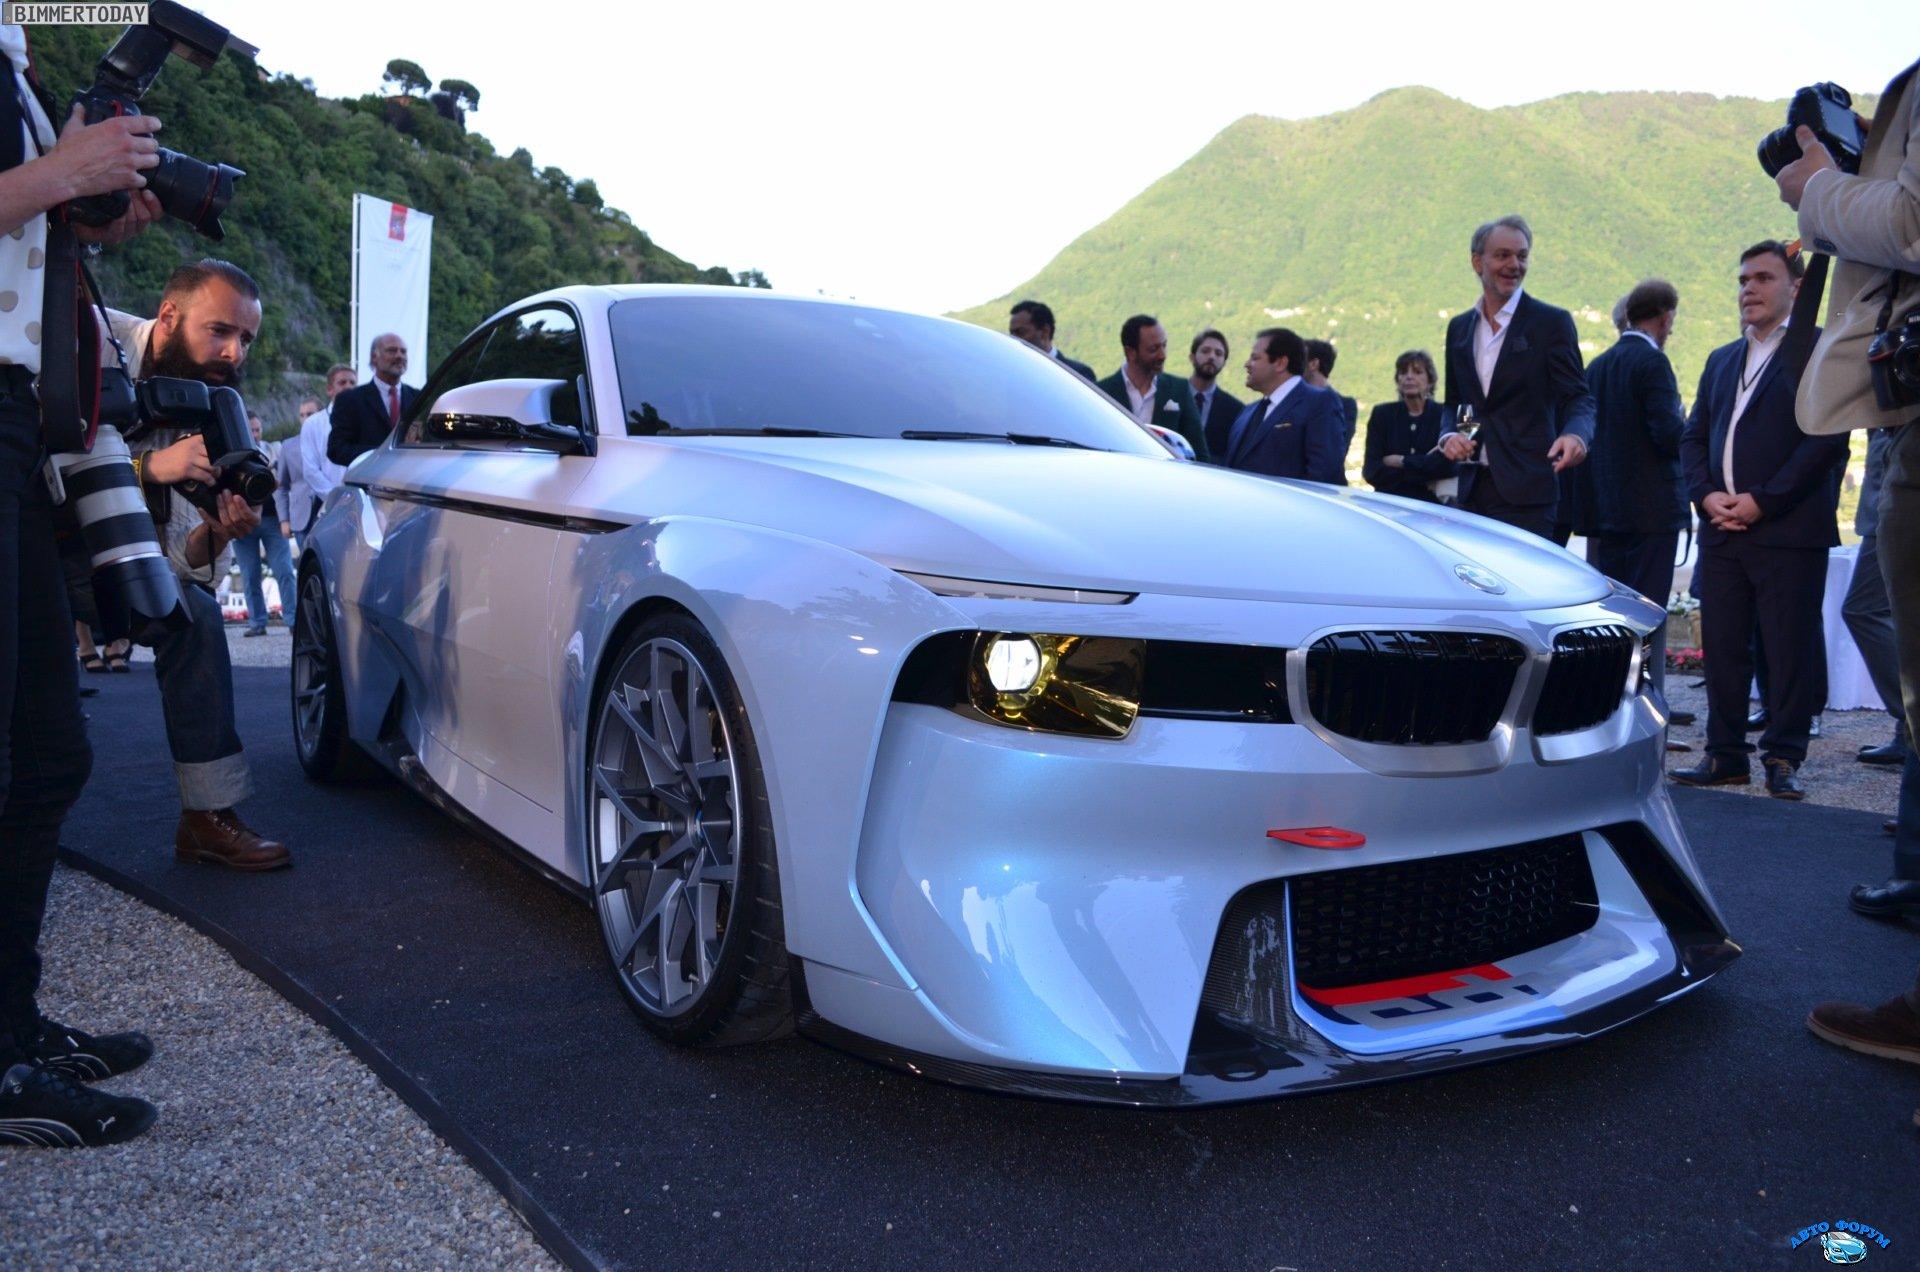 BMW-2002-Hommage-2016-Live-Fotos-Concorso-d-Eleganza-Villa-d-Este-001.jpg